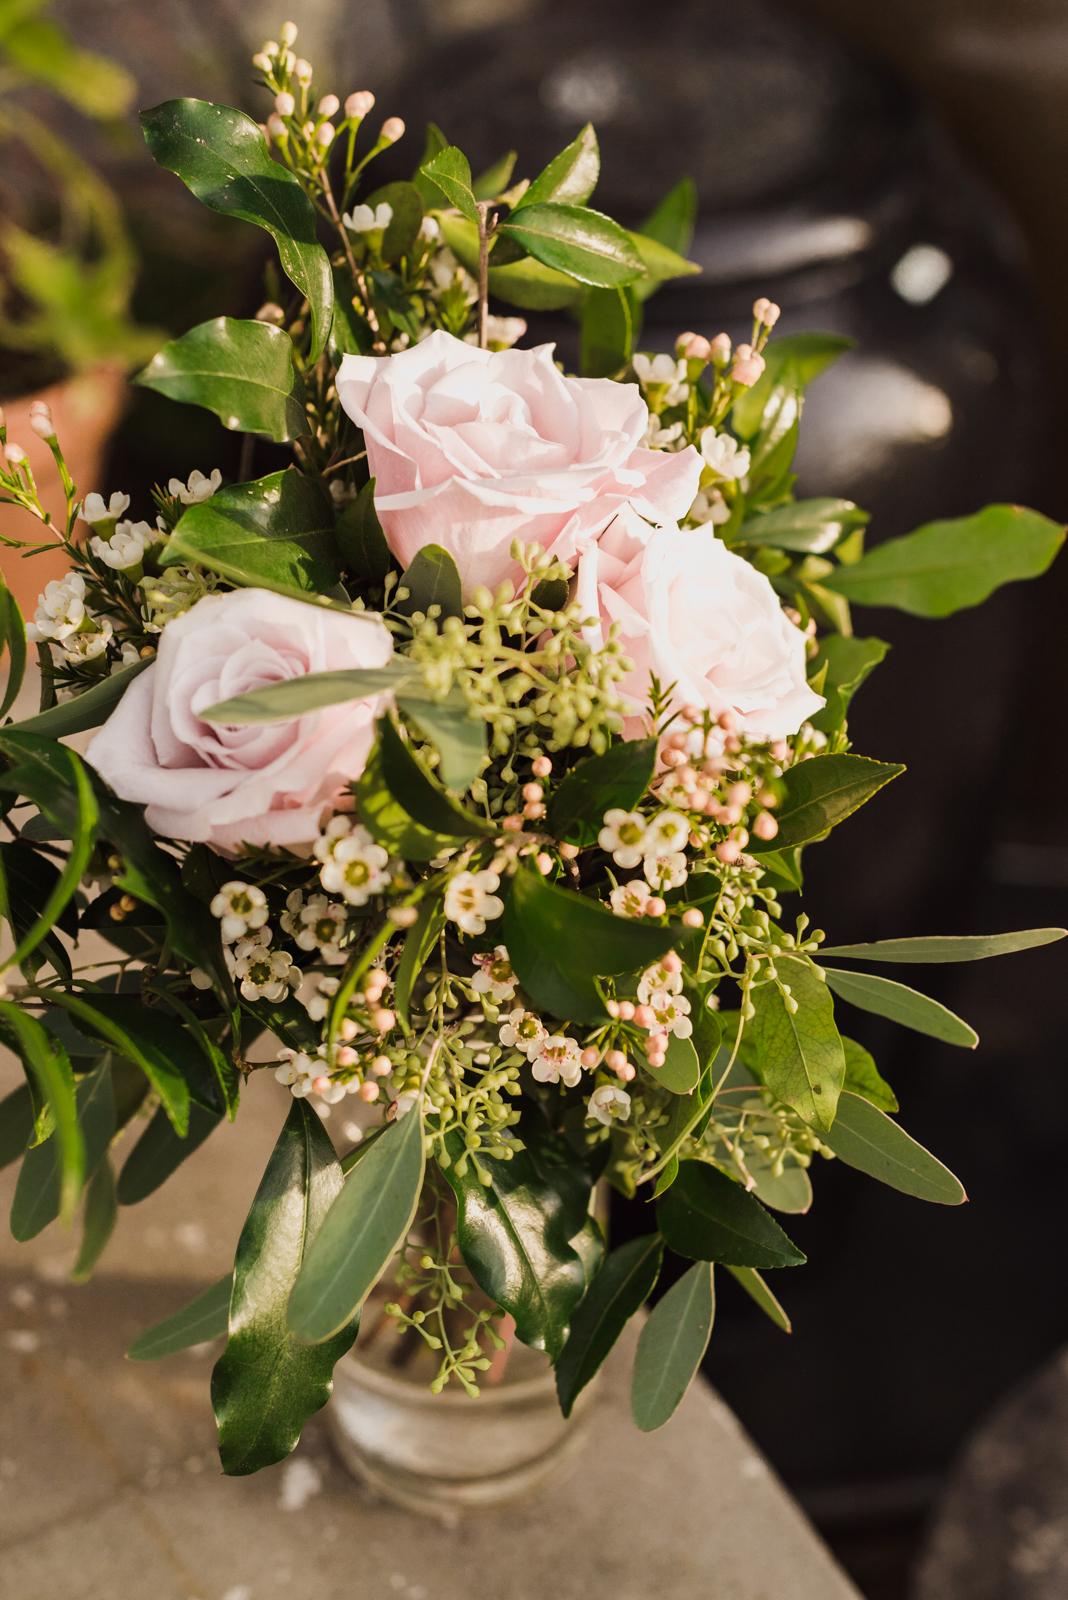 Blooms_Garden_Shop_Hattiesburg_Vendor_Florist-1.jpg